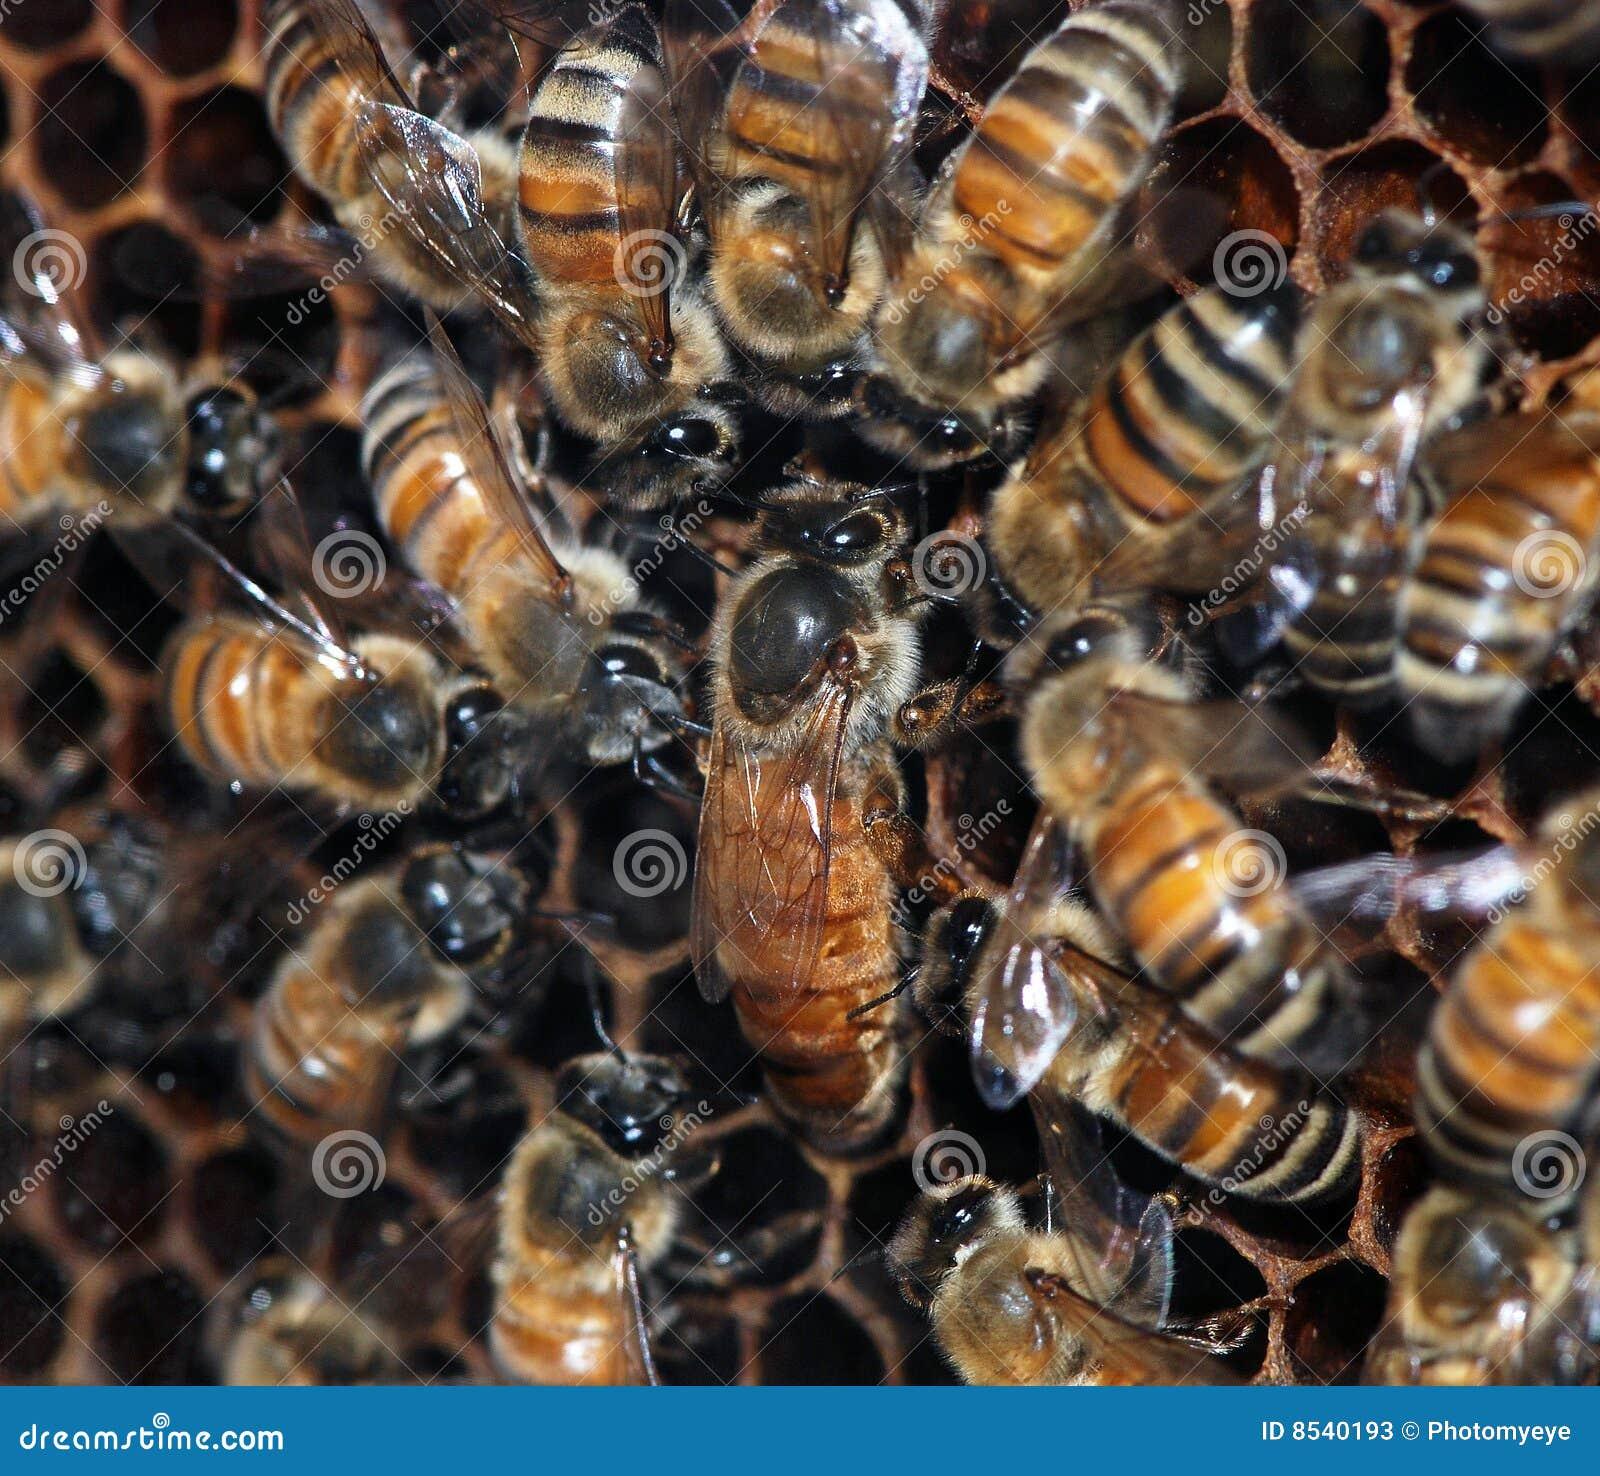 Honeybees with queen